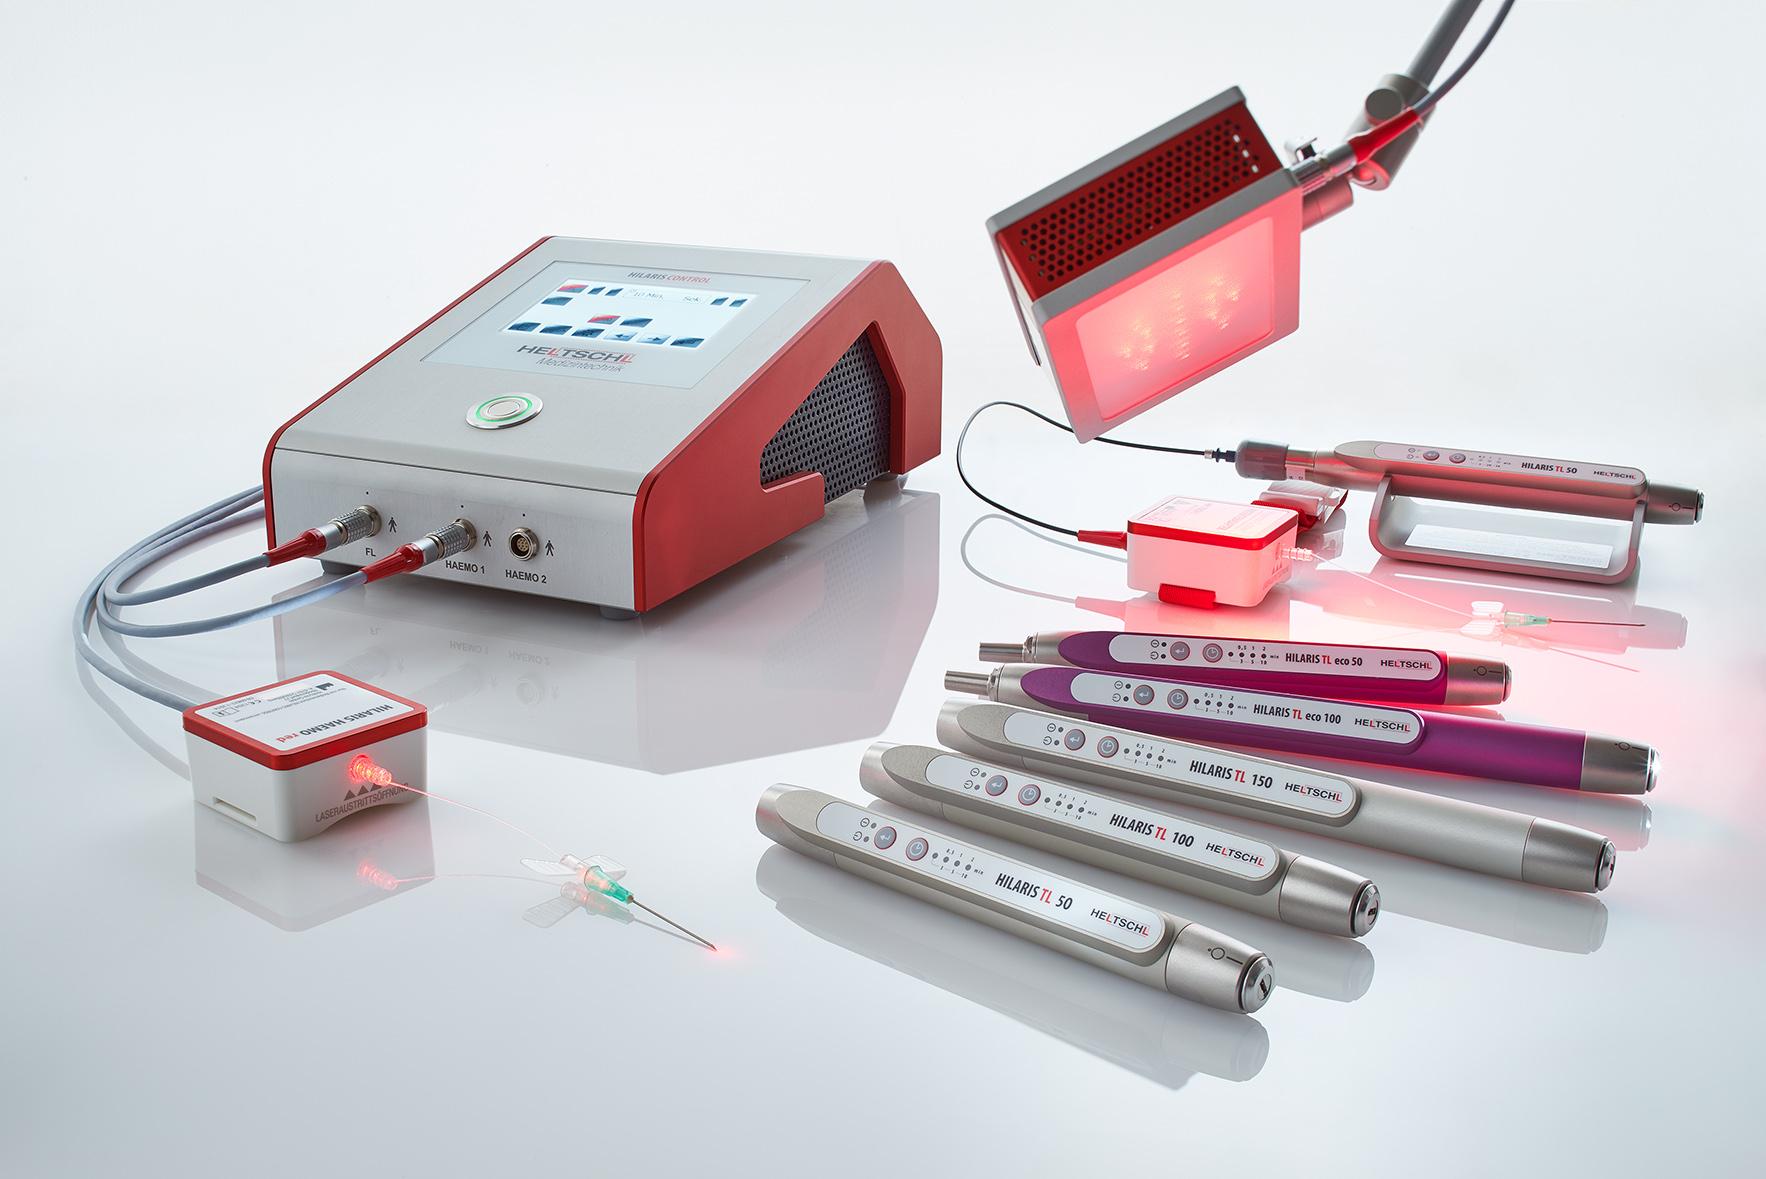 Abbildung der AMM-Produktempfehlung zum Haemo-Laser von VitaCellScan: hier Produktübersicht von Heltschl